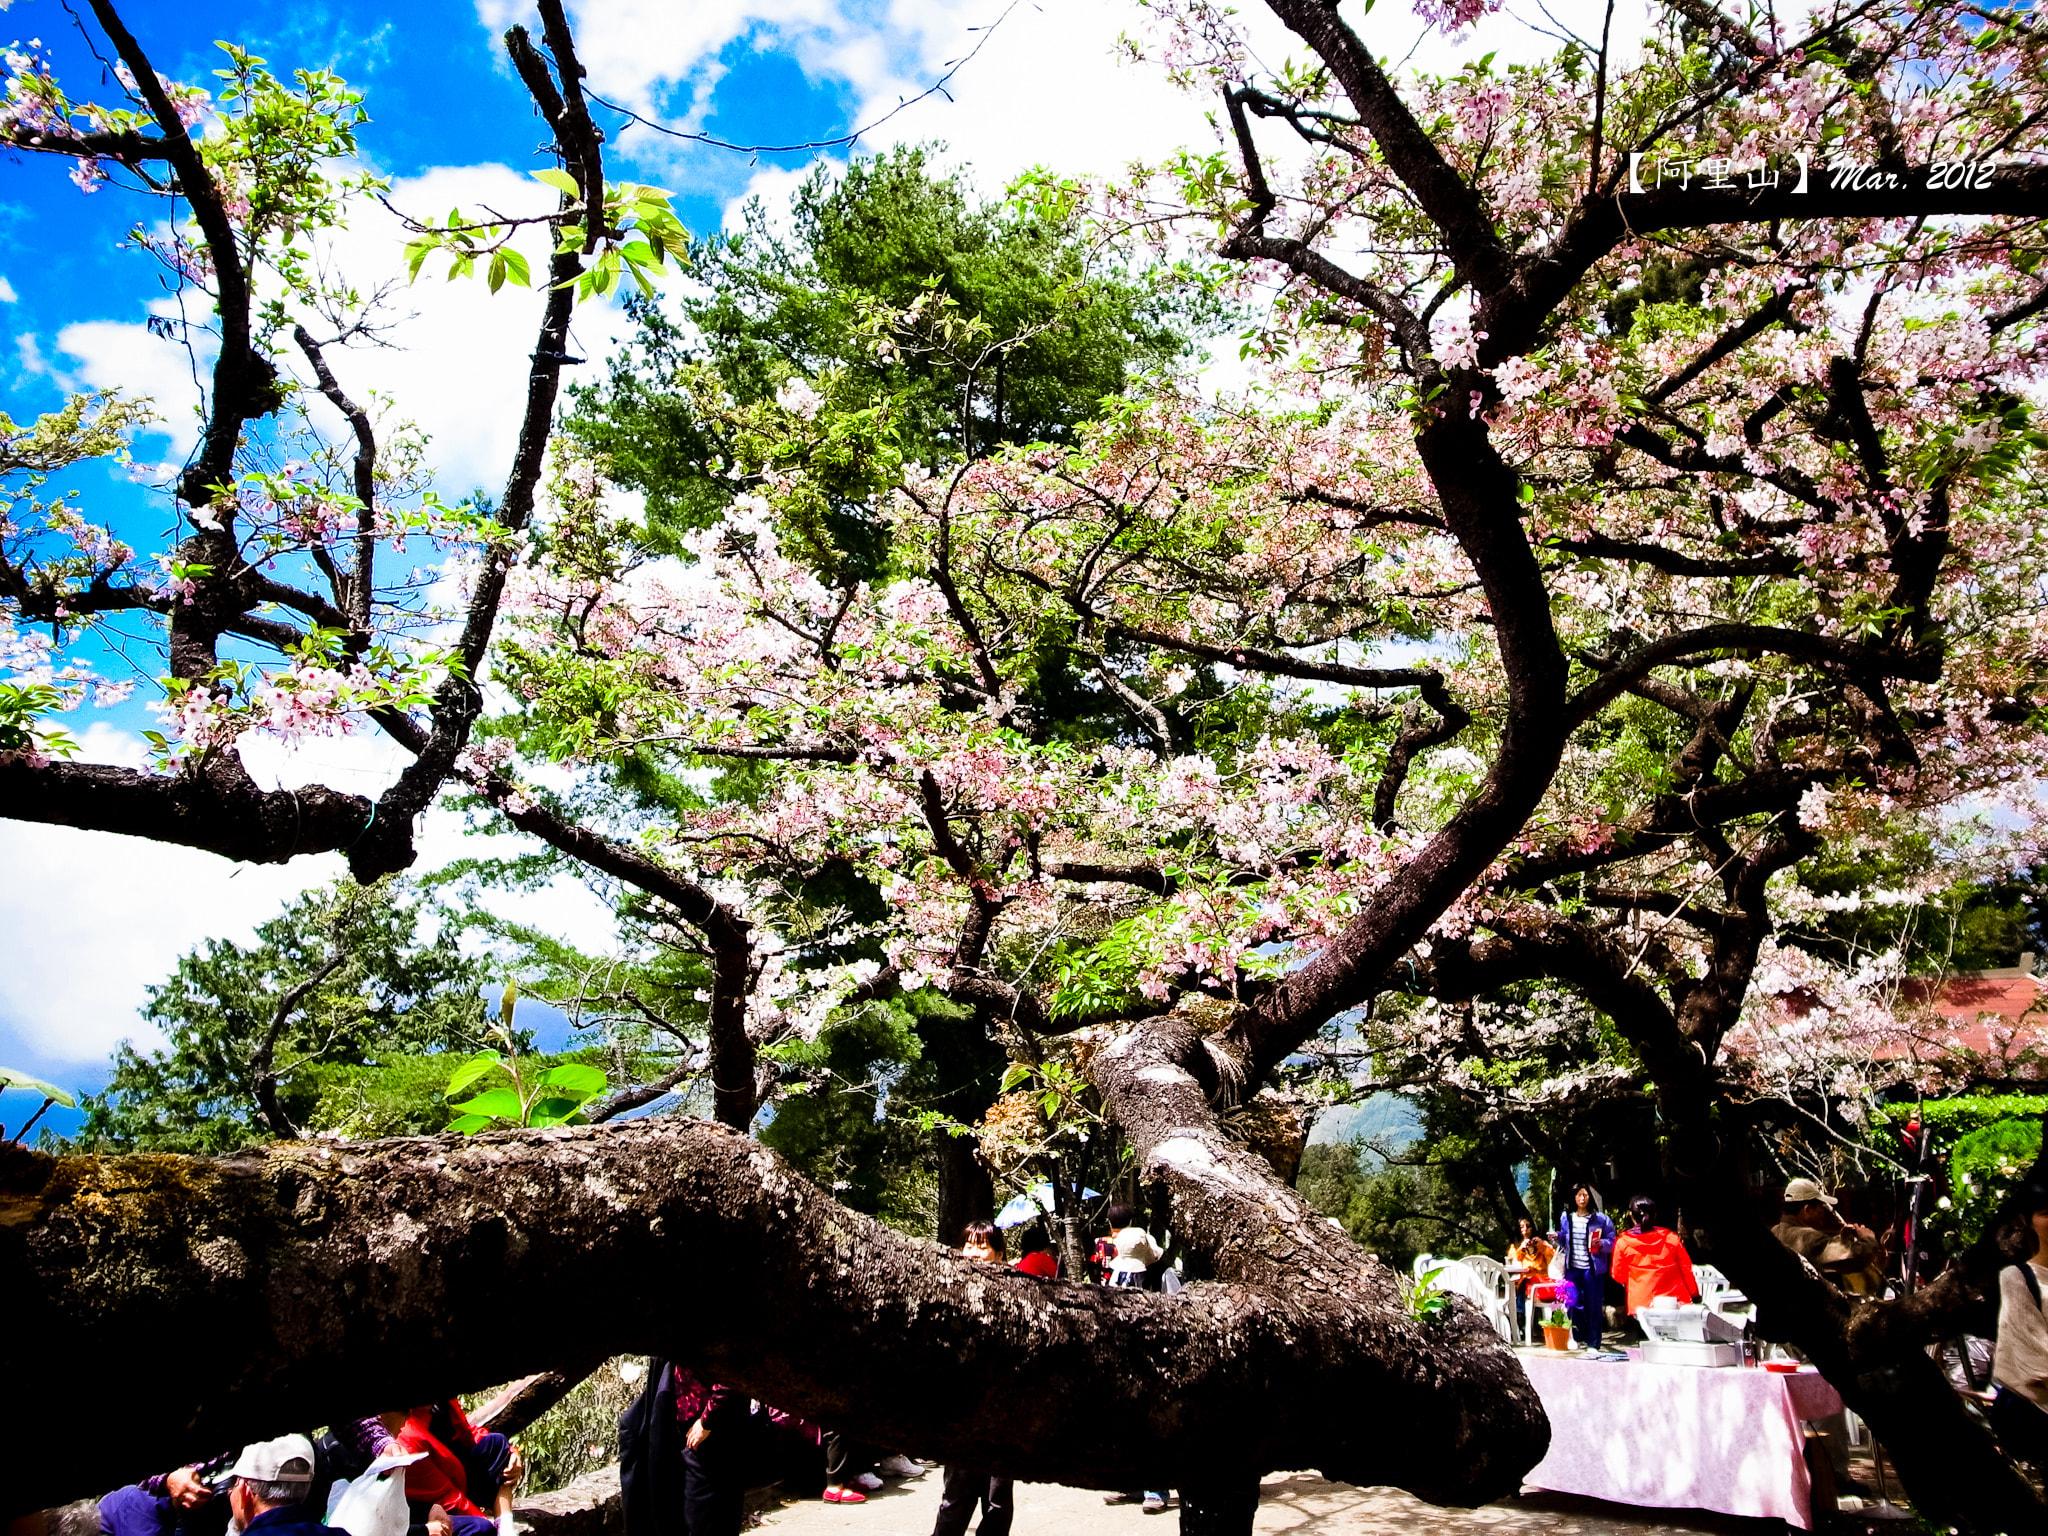 阿里山賓館櫻花 來源:flickr@YJ Liu